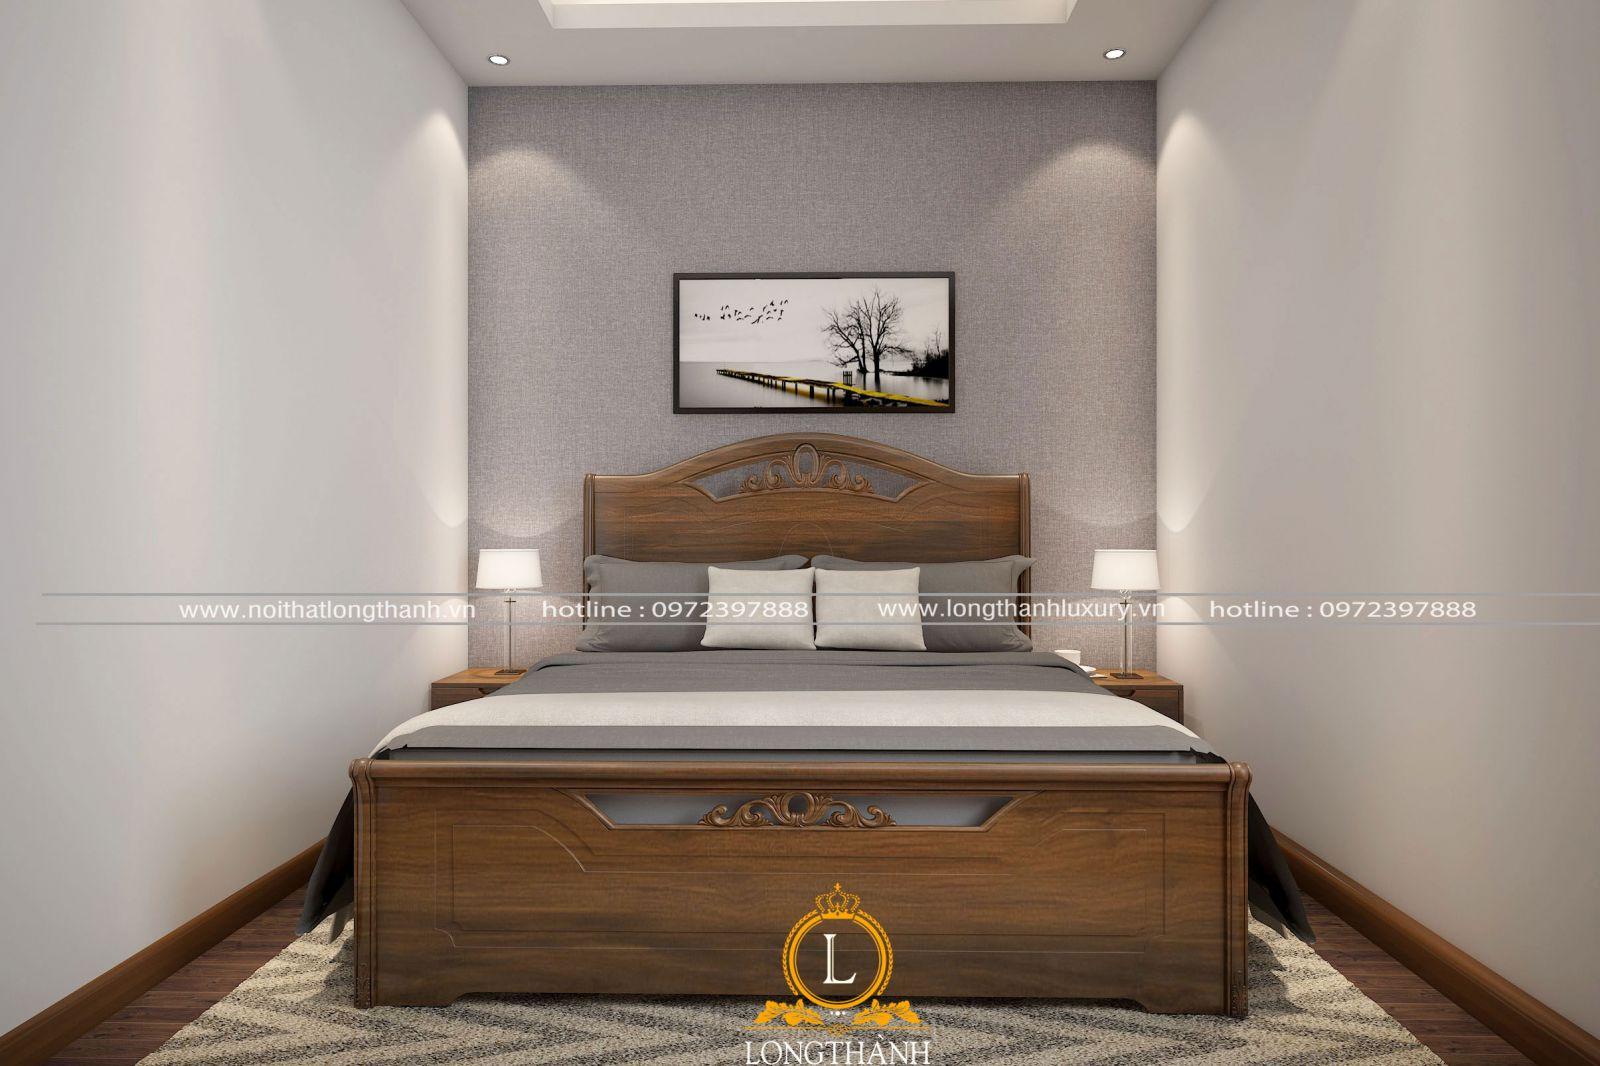 Giường ngủ là sản phẩm nội thất thiết yếu không thể thiếu trong không gian phòng ngủ hiện đại